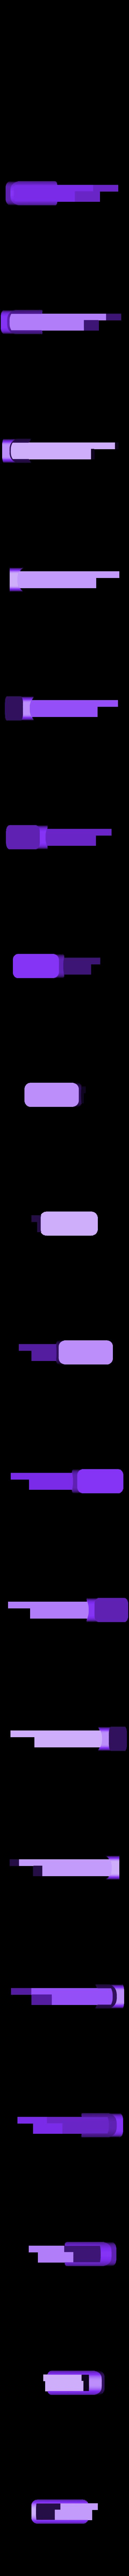 Magazine.stl Télécharger fichier STL gratuit Boîtier USB 2 • Modèle imprimable en 3D, Hectdiaf